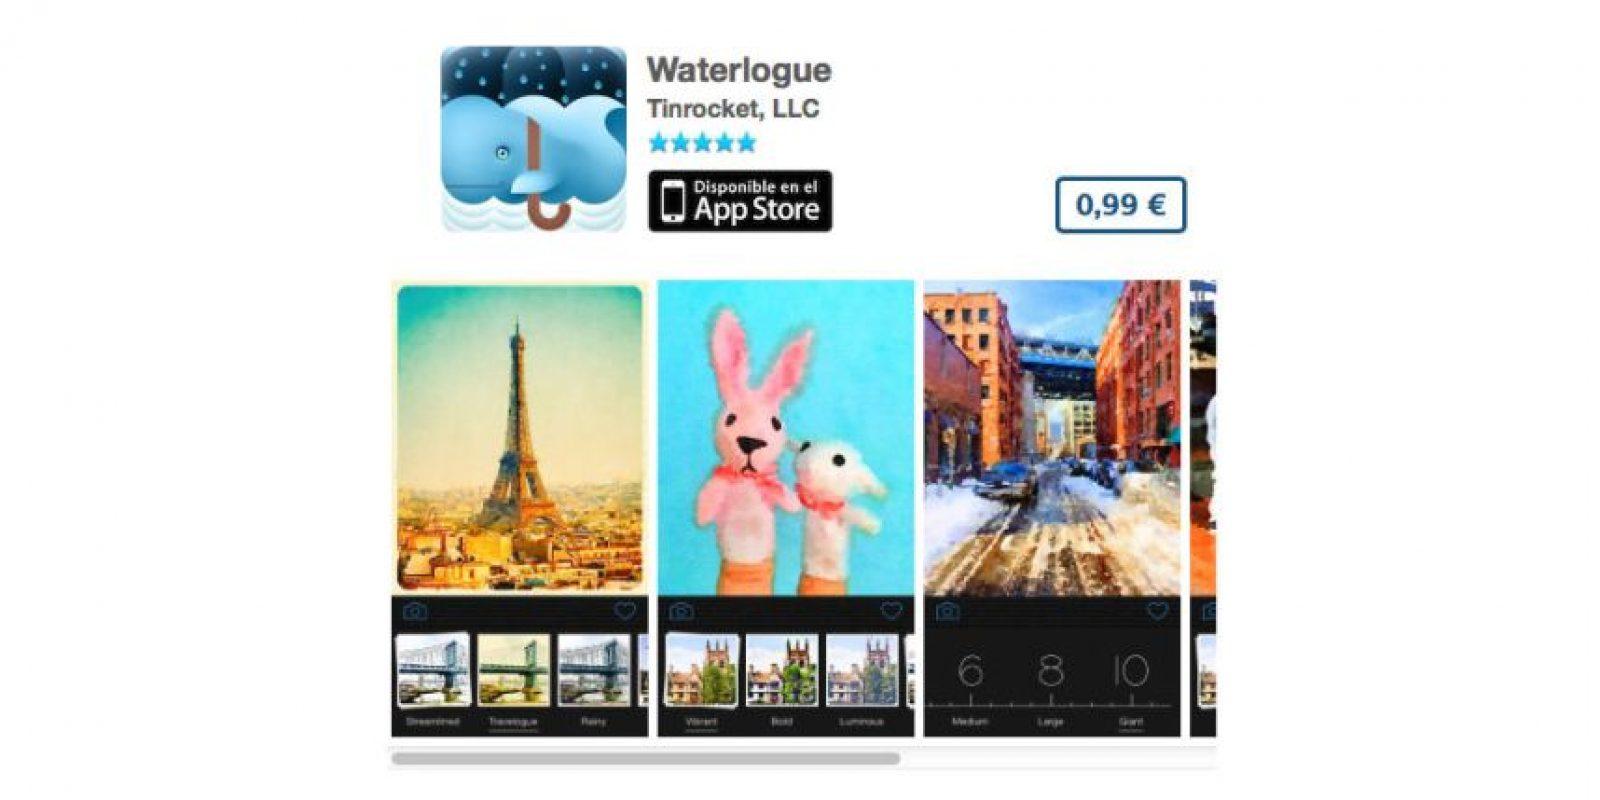 Waterlogue convertirá sus fotos en una pintura al óleo. Precio 1 dólar Foto:De Tinrocket, LLC